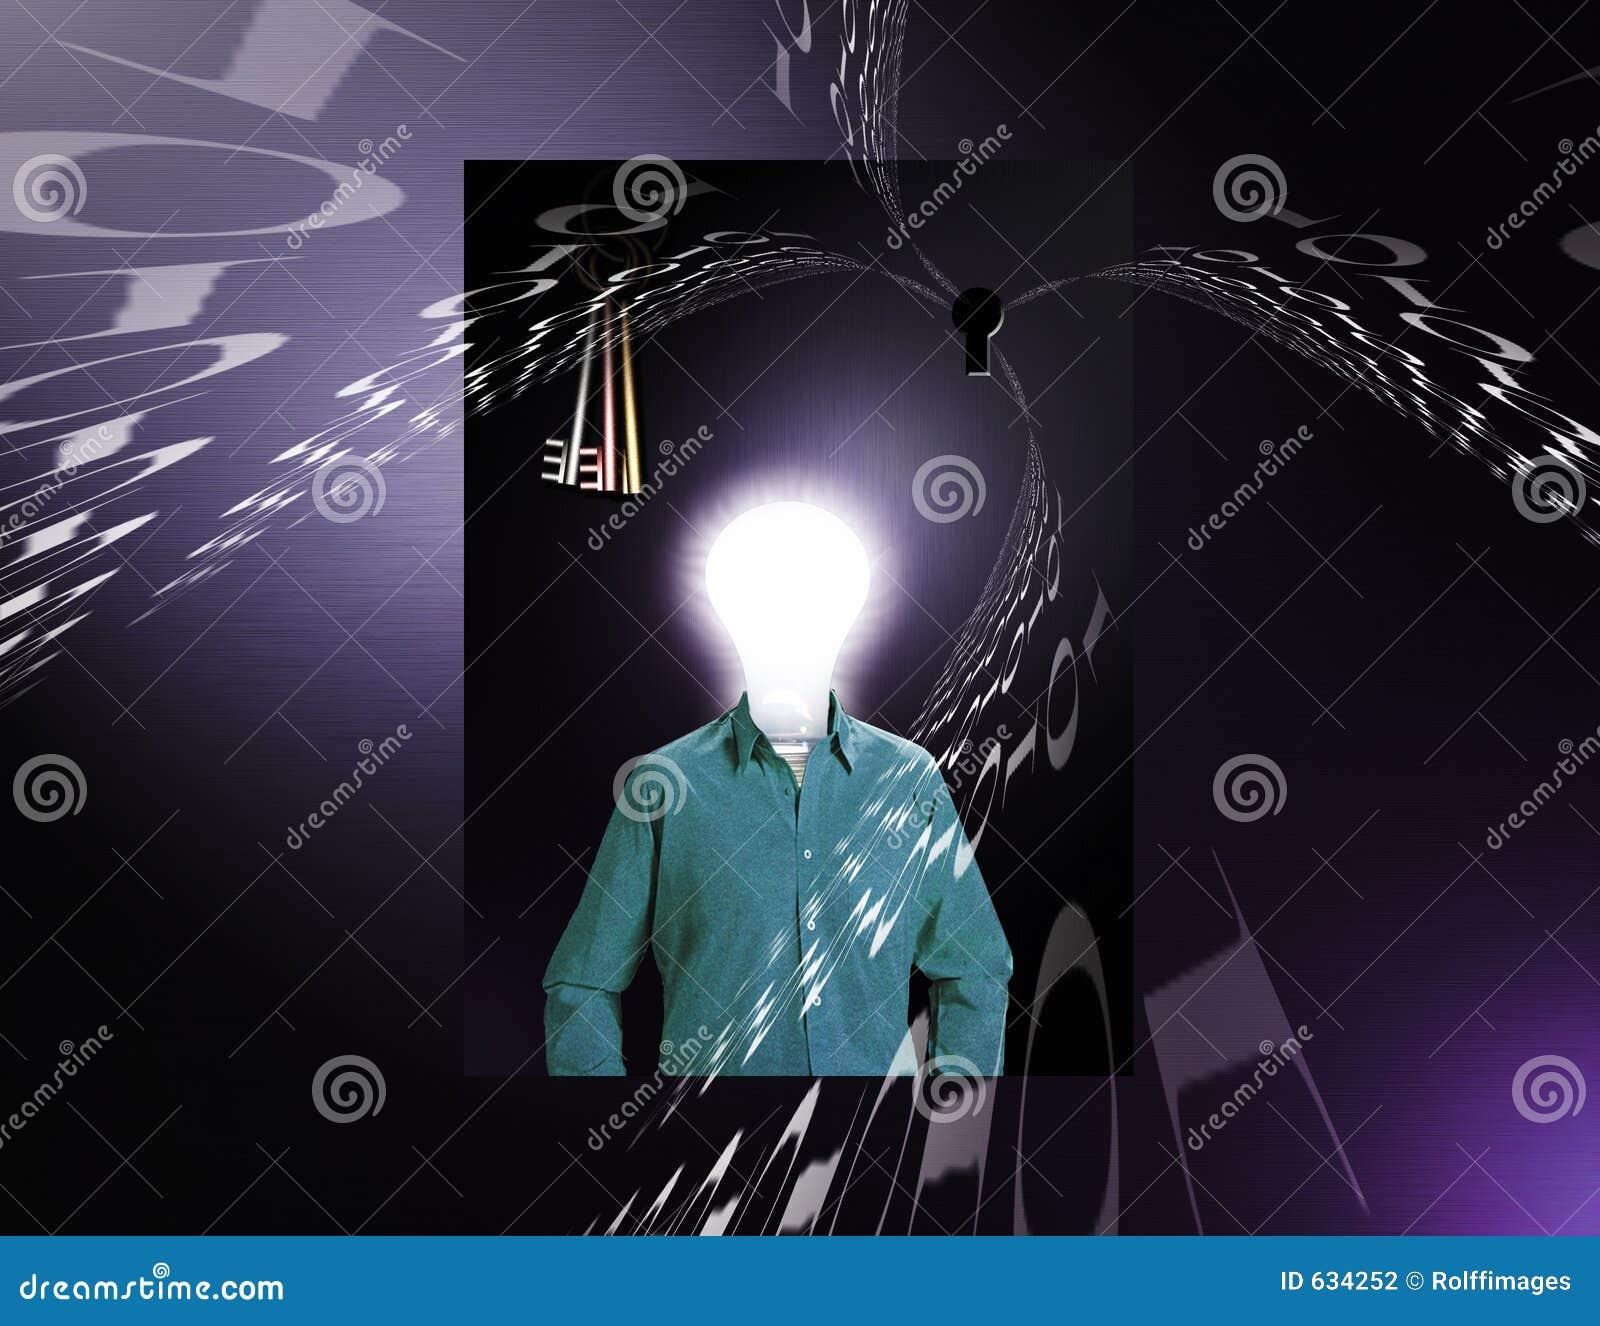 Download цифровой человек данным по идеи Иллюстрация штока - иллюстрации насчитывающей схематическо, космос: 634252